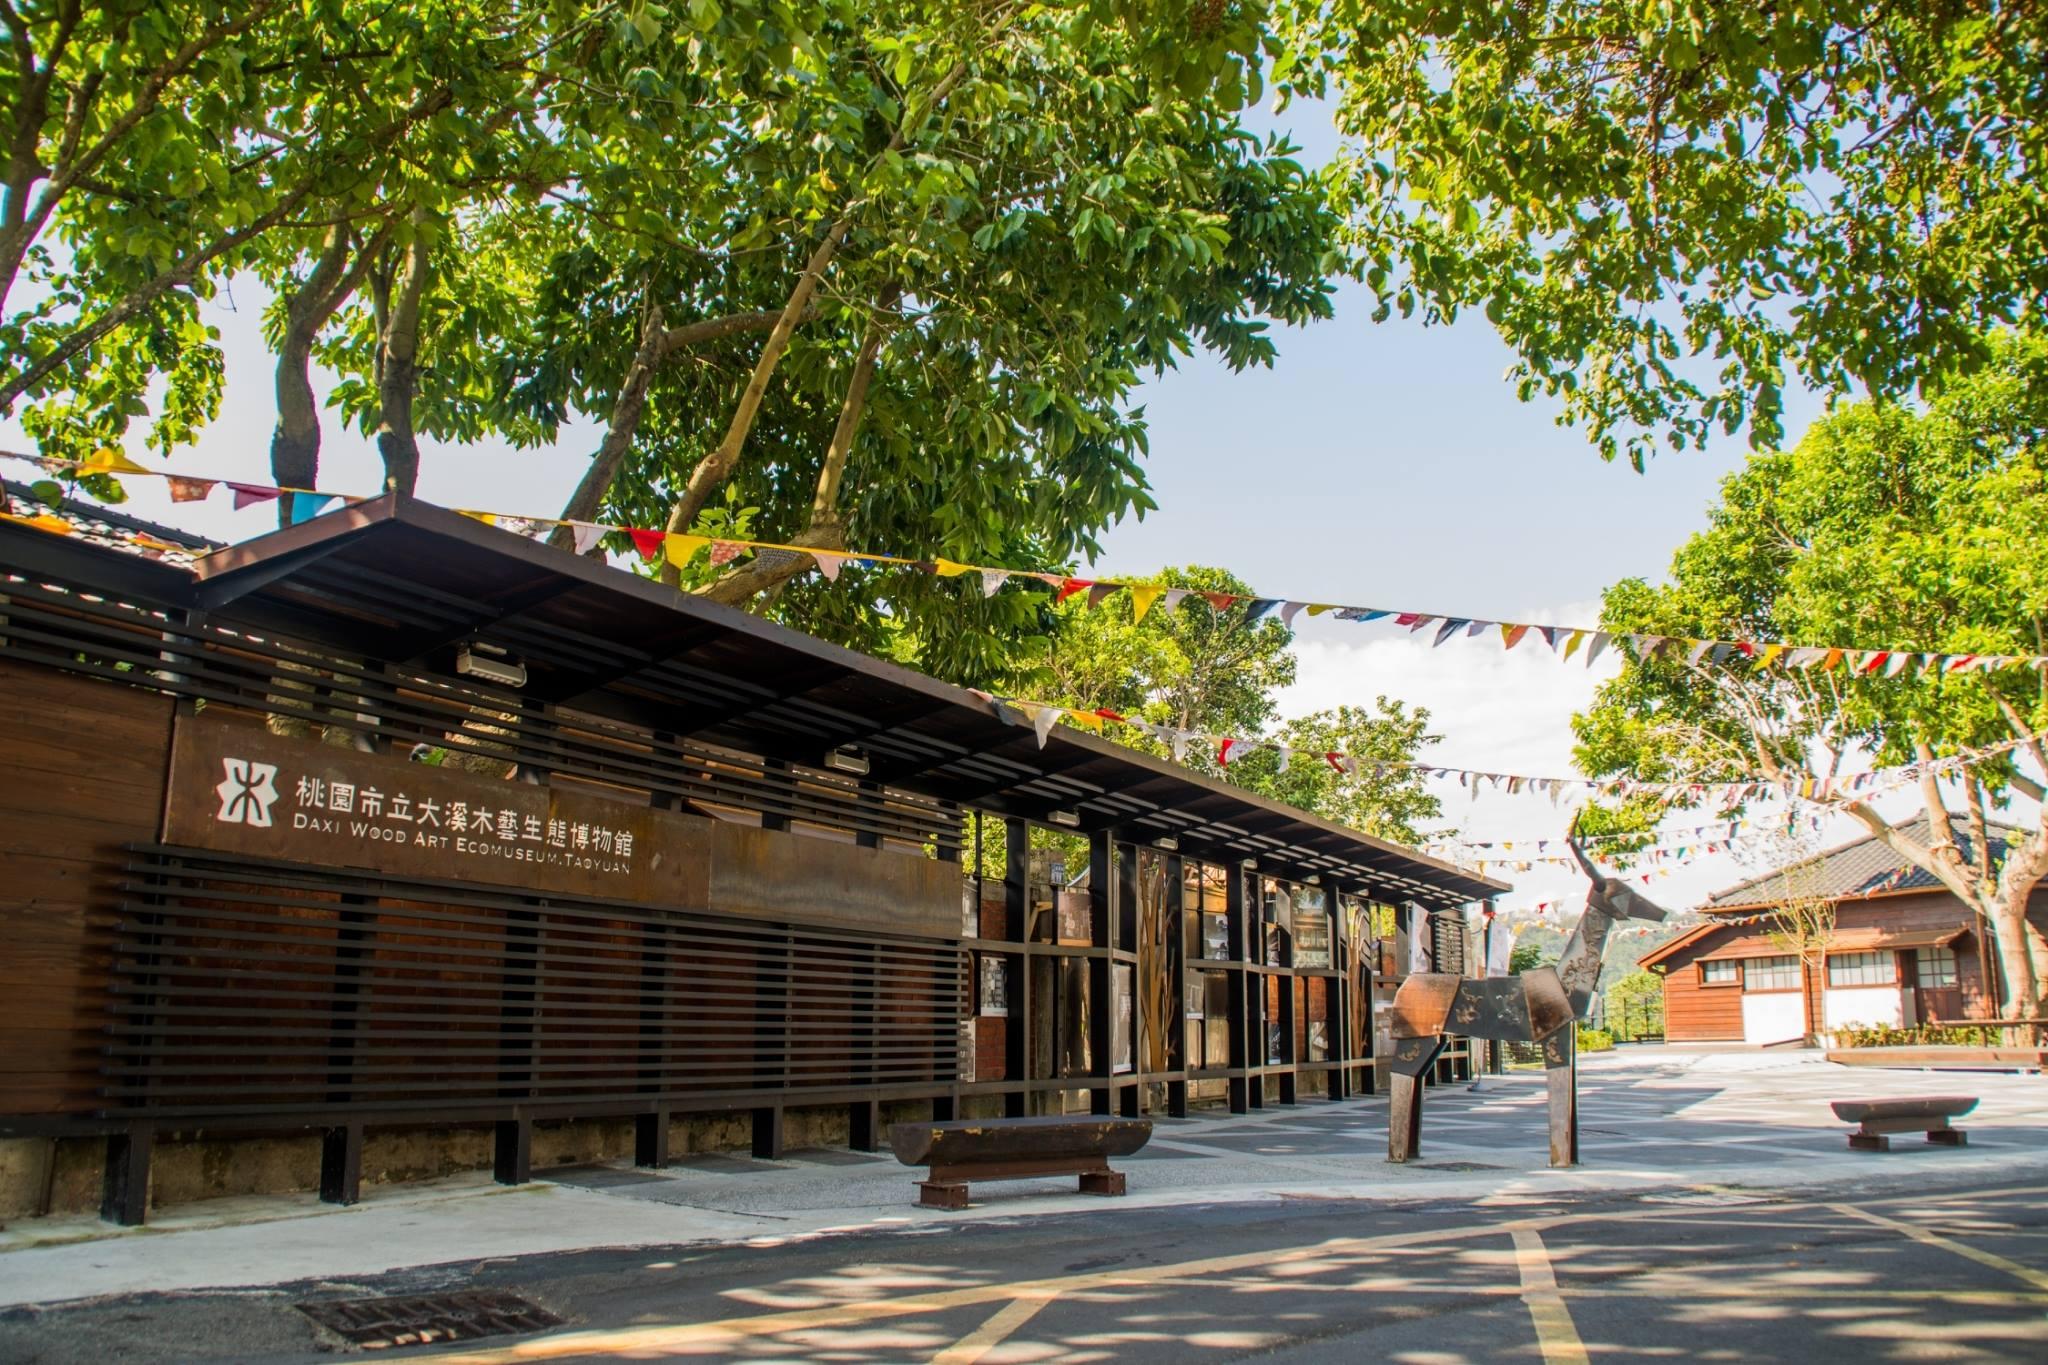 大溪木藝生態博物館共有九處館舍,讓日式建築與木藝文化激盪火花。圖/大溪木藝生態博物館臉書粉絲專頁